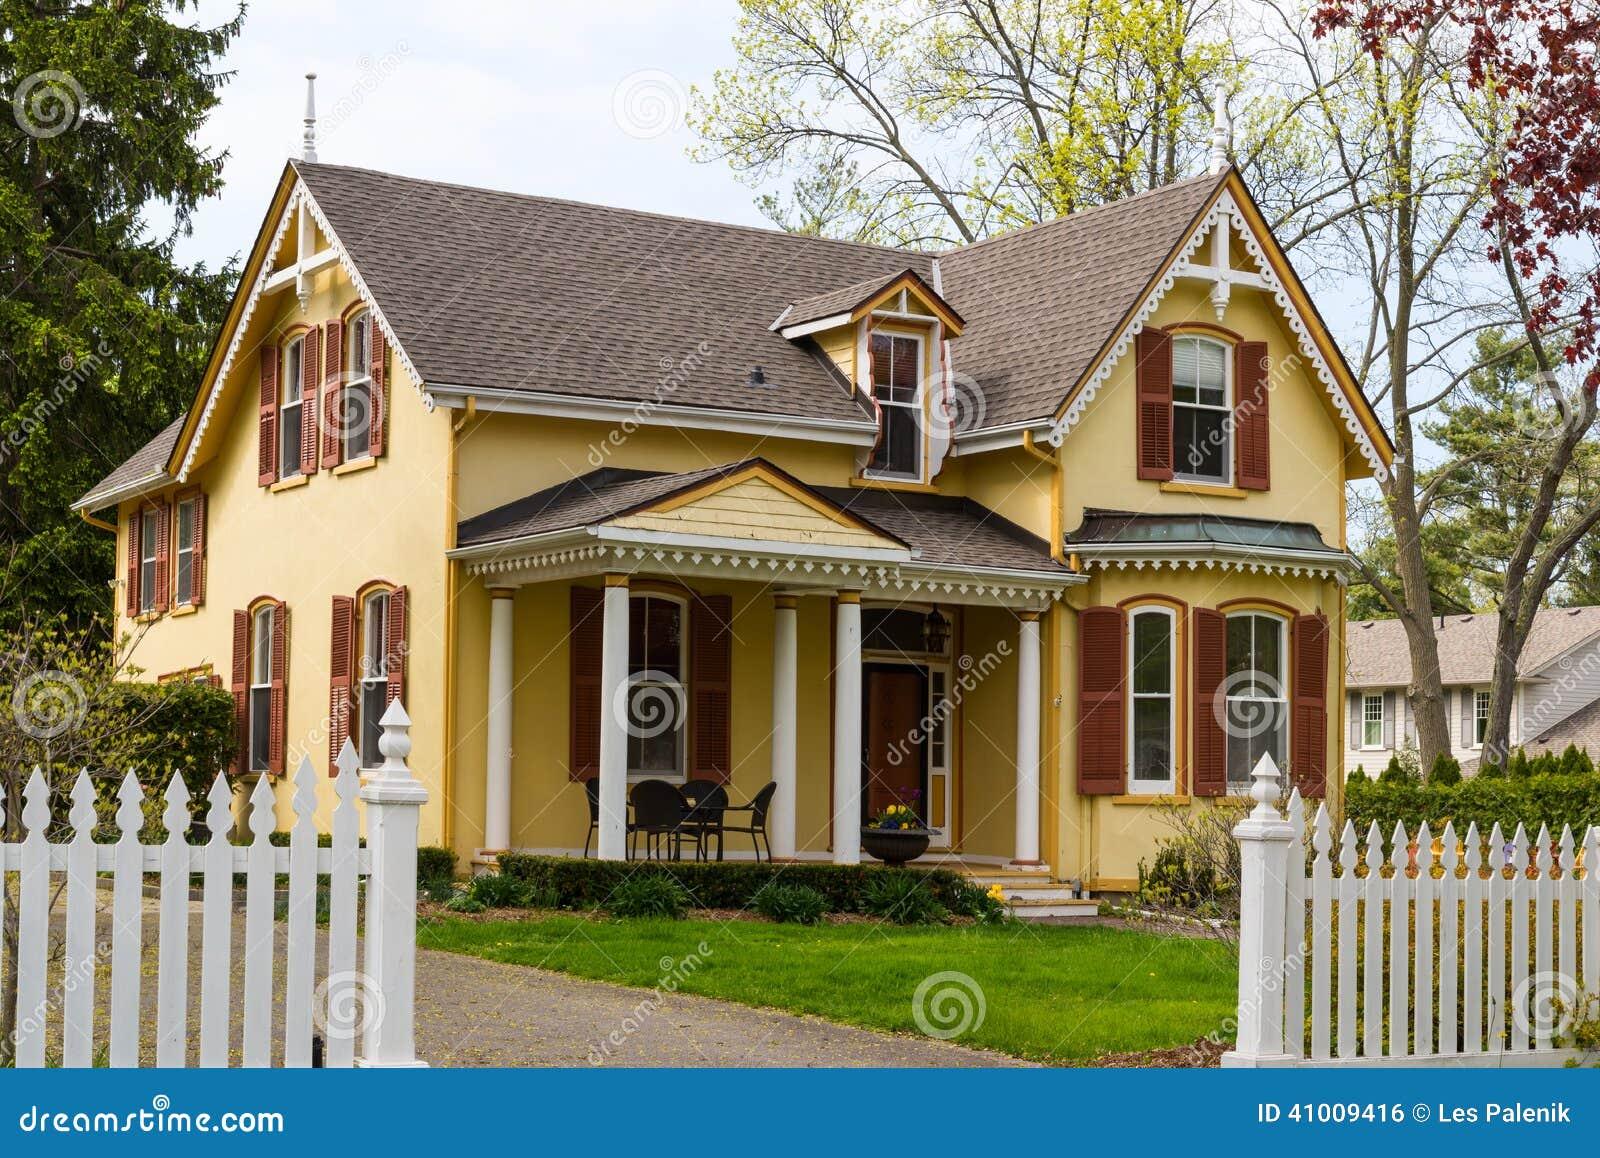 cerca para jardim branca : cerca para jardim branca:Casa Amarela E Cerca De Piquete Branca Foto de Stock – Imagem